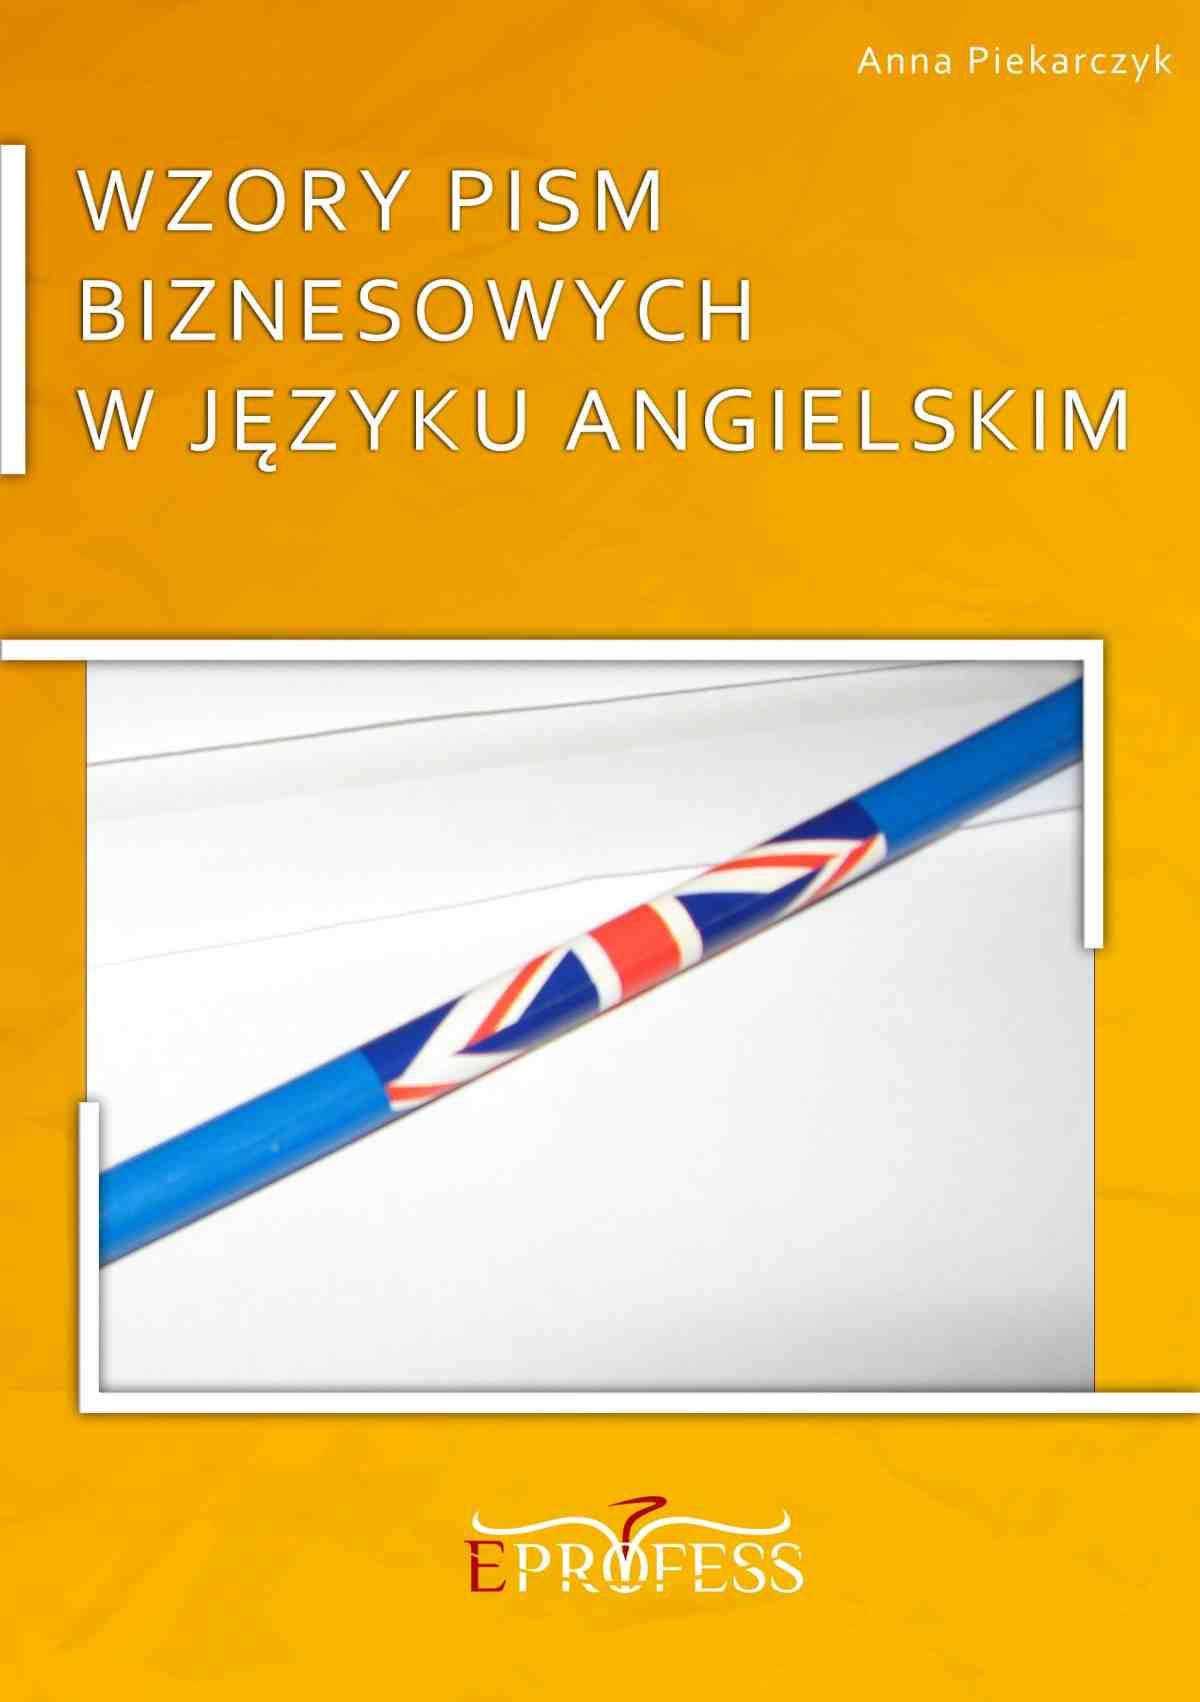 Wzory Pism Biznesowych w Języku Angielskim - Ebook (Książka EPUB) do pobrania w formacie EPUB